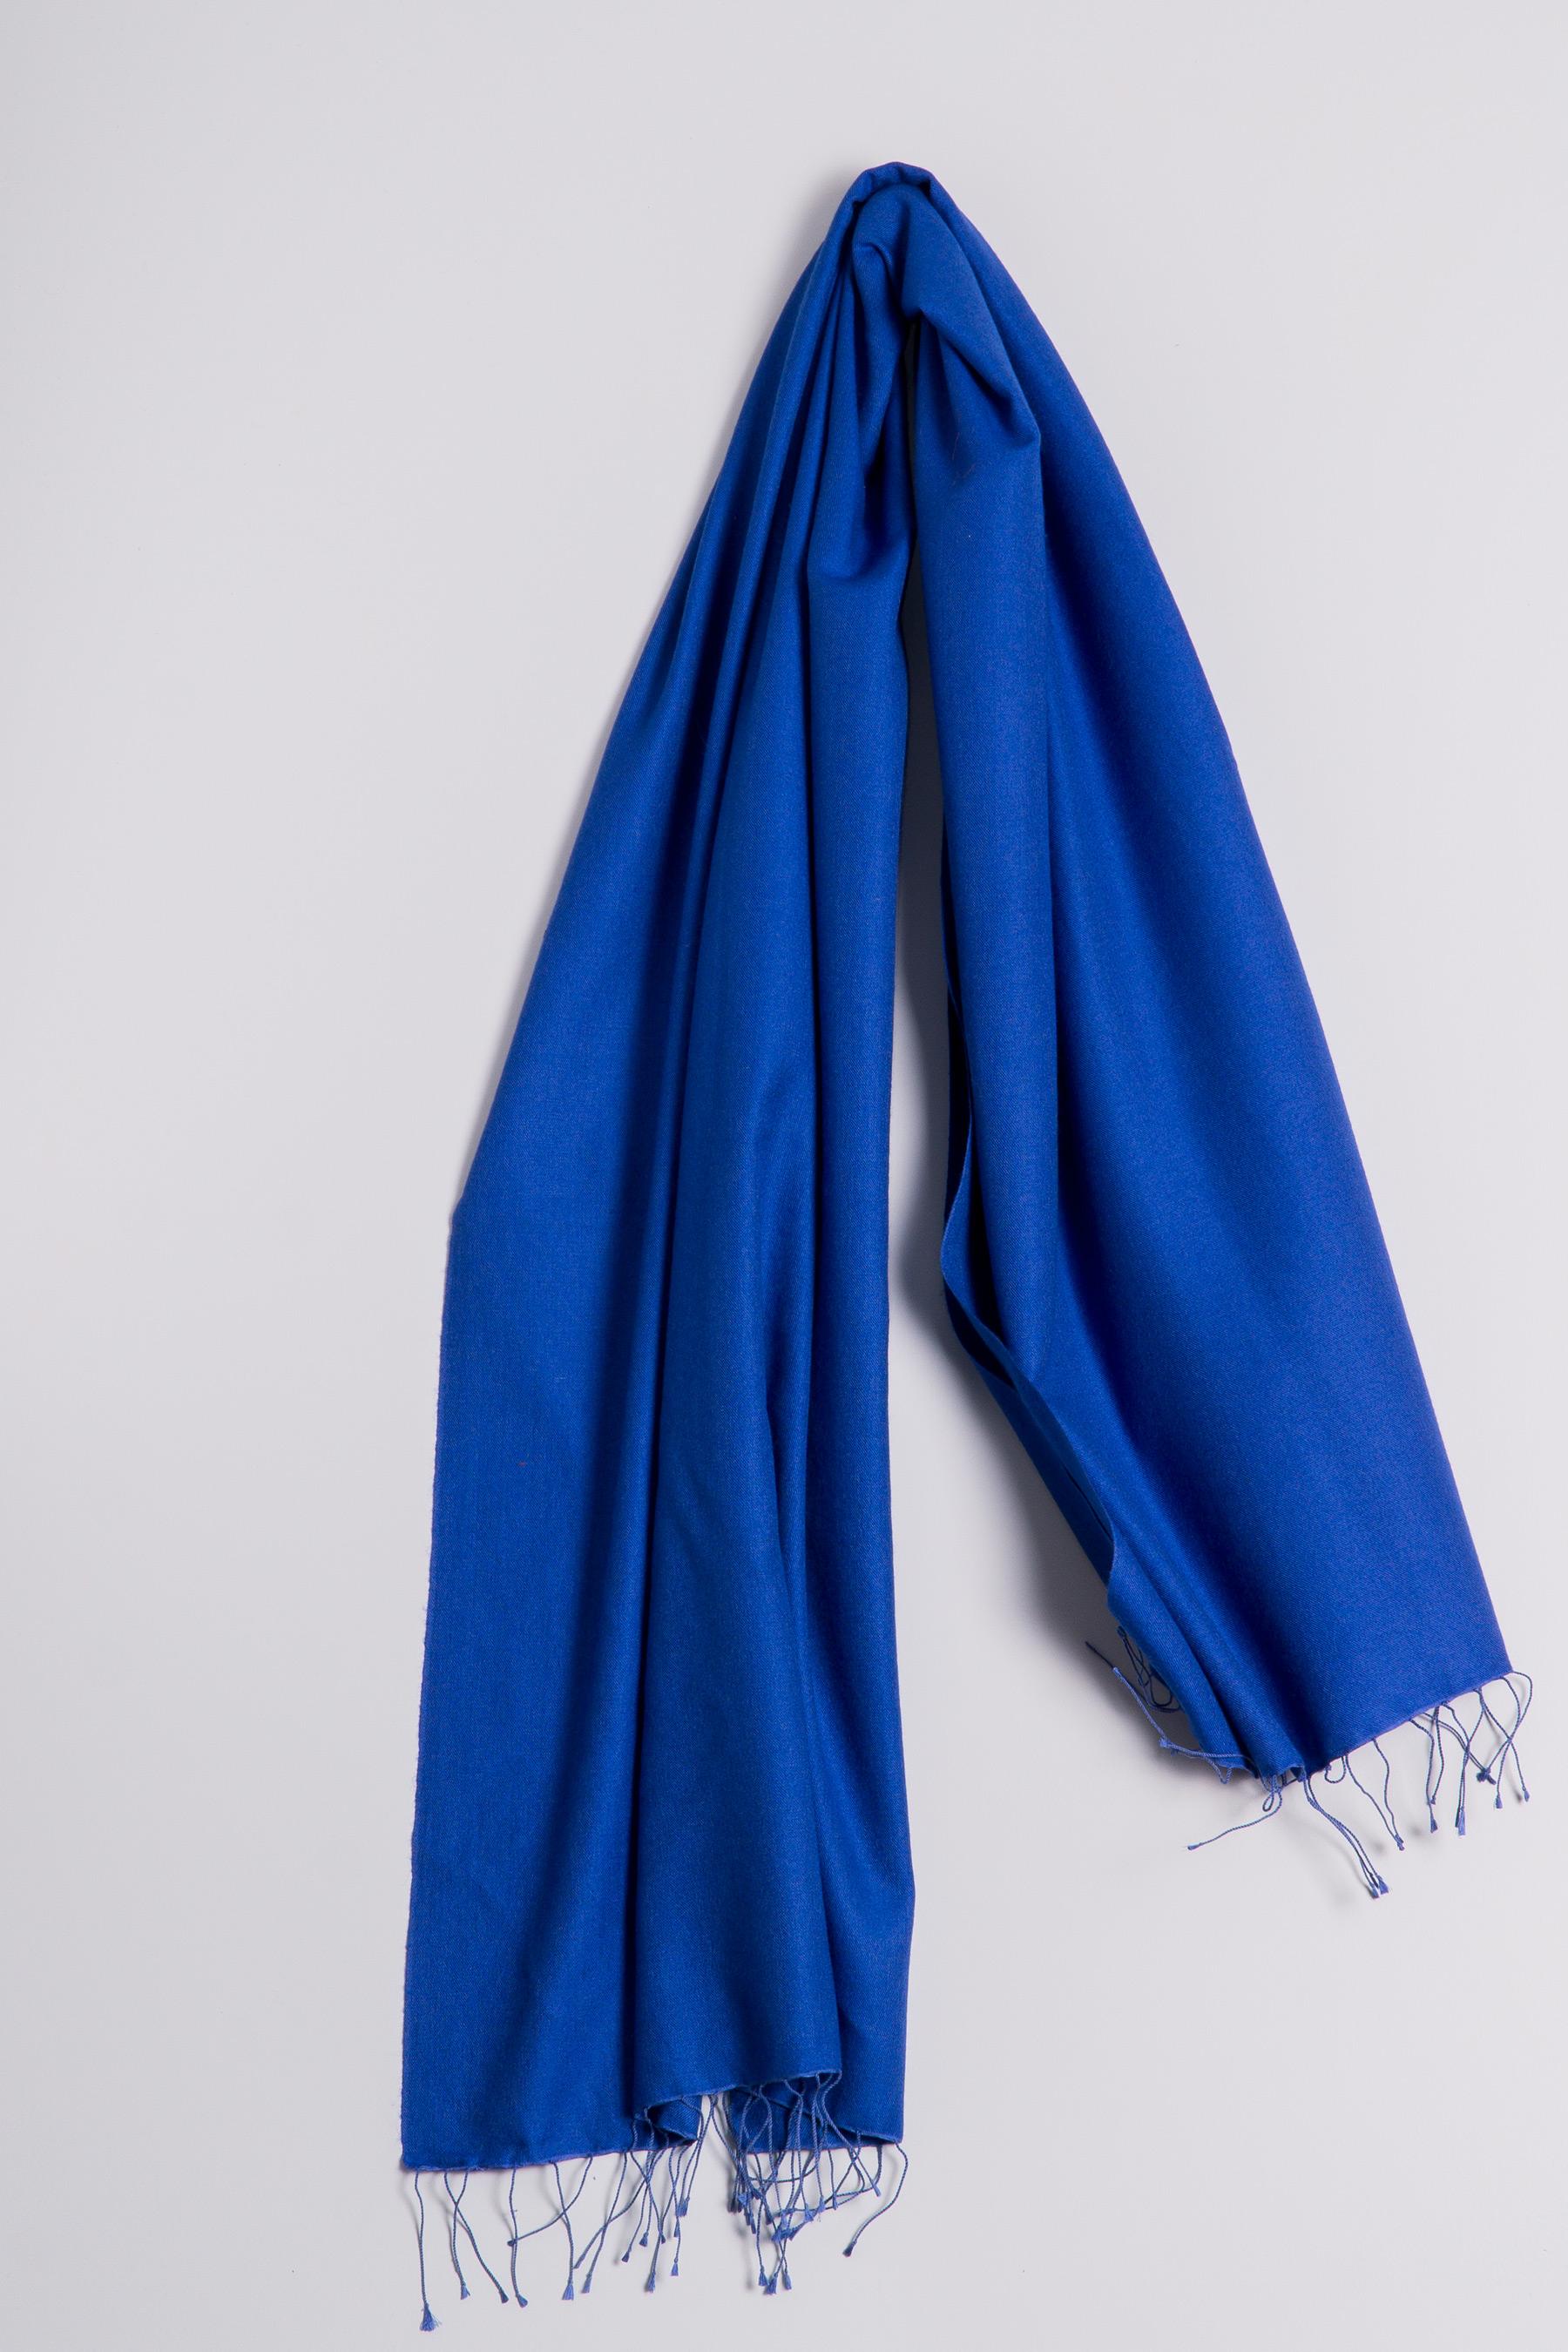 cbae9185a561d5 Pashmina 70x200cm royal blue | Pashmina 70% Cashmere Classic | Pashmina |  Pashmina.de